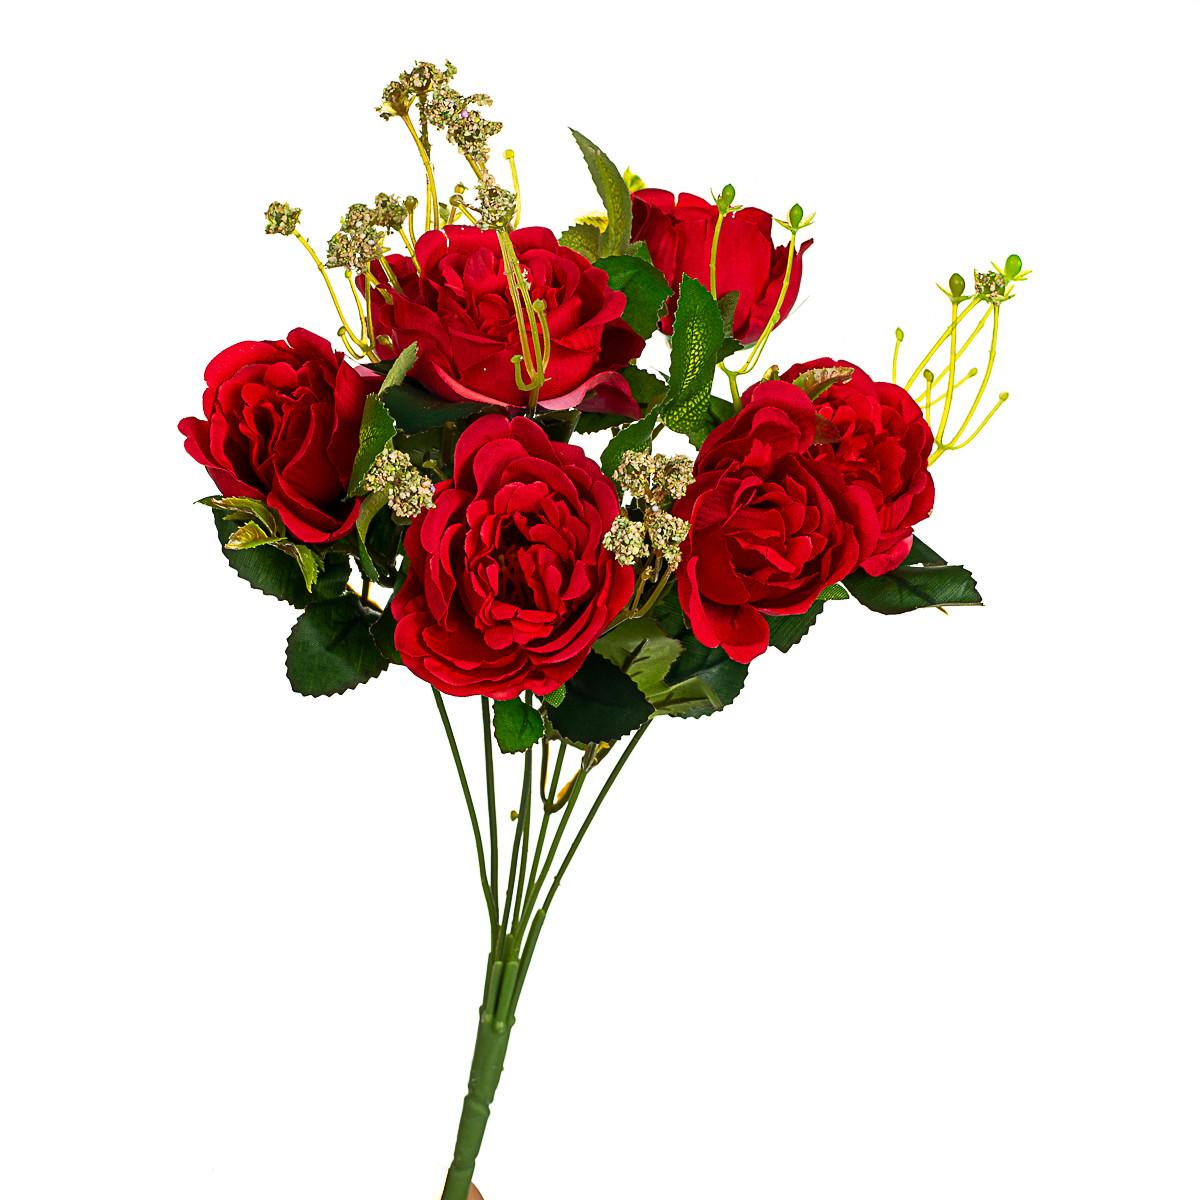 """Букет троянд """"Дам де кер"""", червоний 32см"""